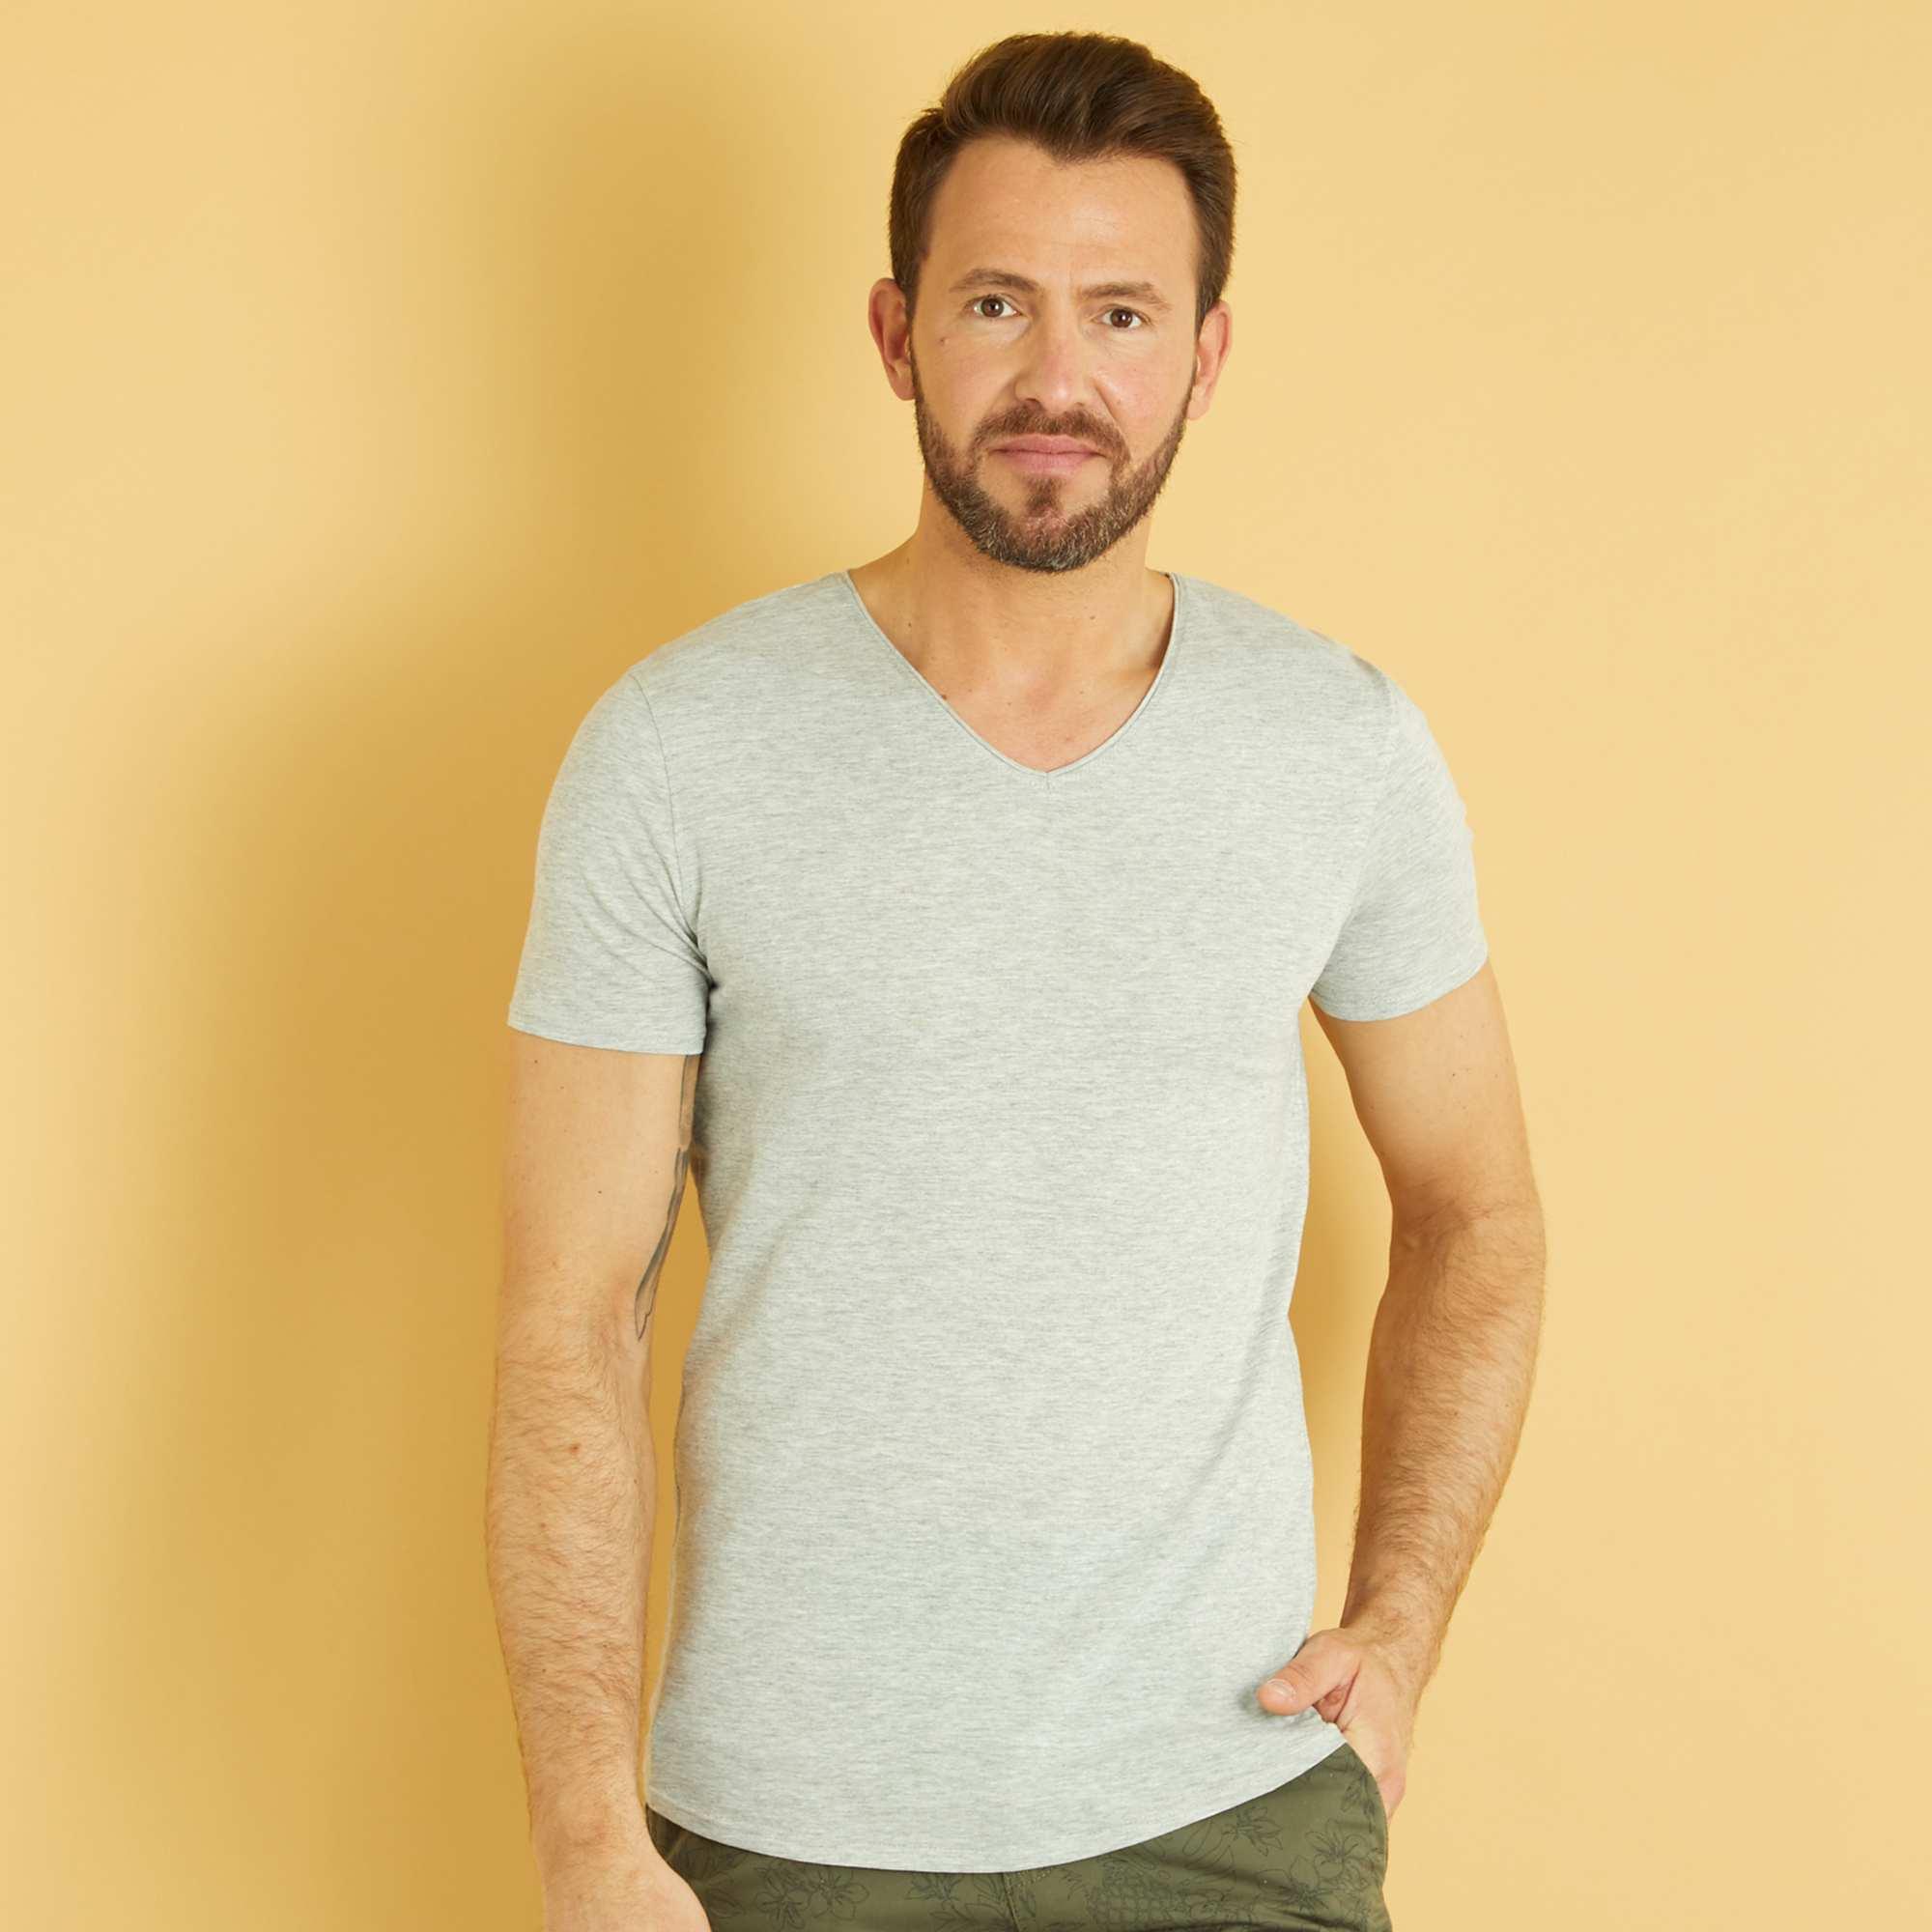 Couleur : gris clair chiné, blanc, ORANGE,, - Taille : L, XL, M,S,XXLUn basique indispensable et facile à coordonner à vos tenues. On craque pour son petit